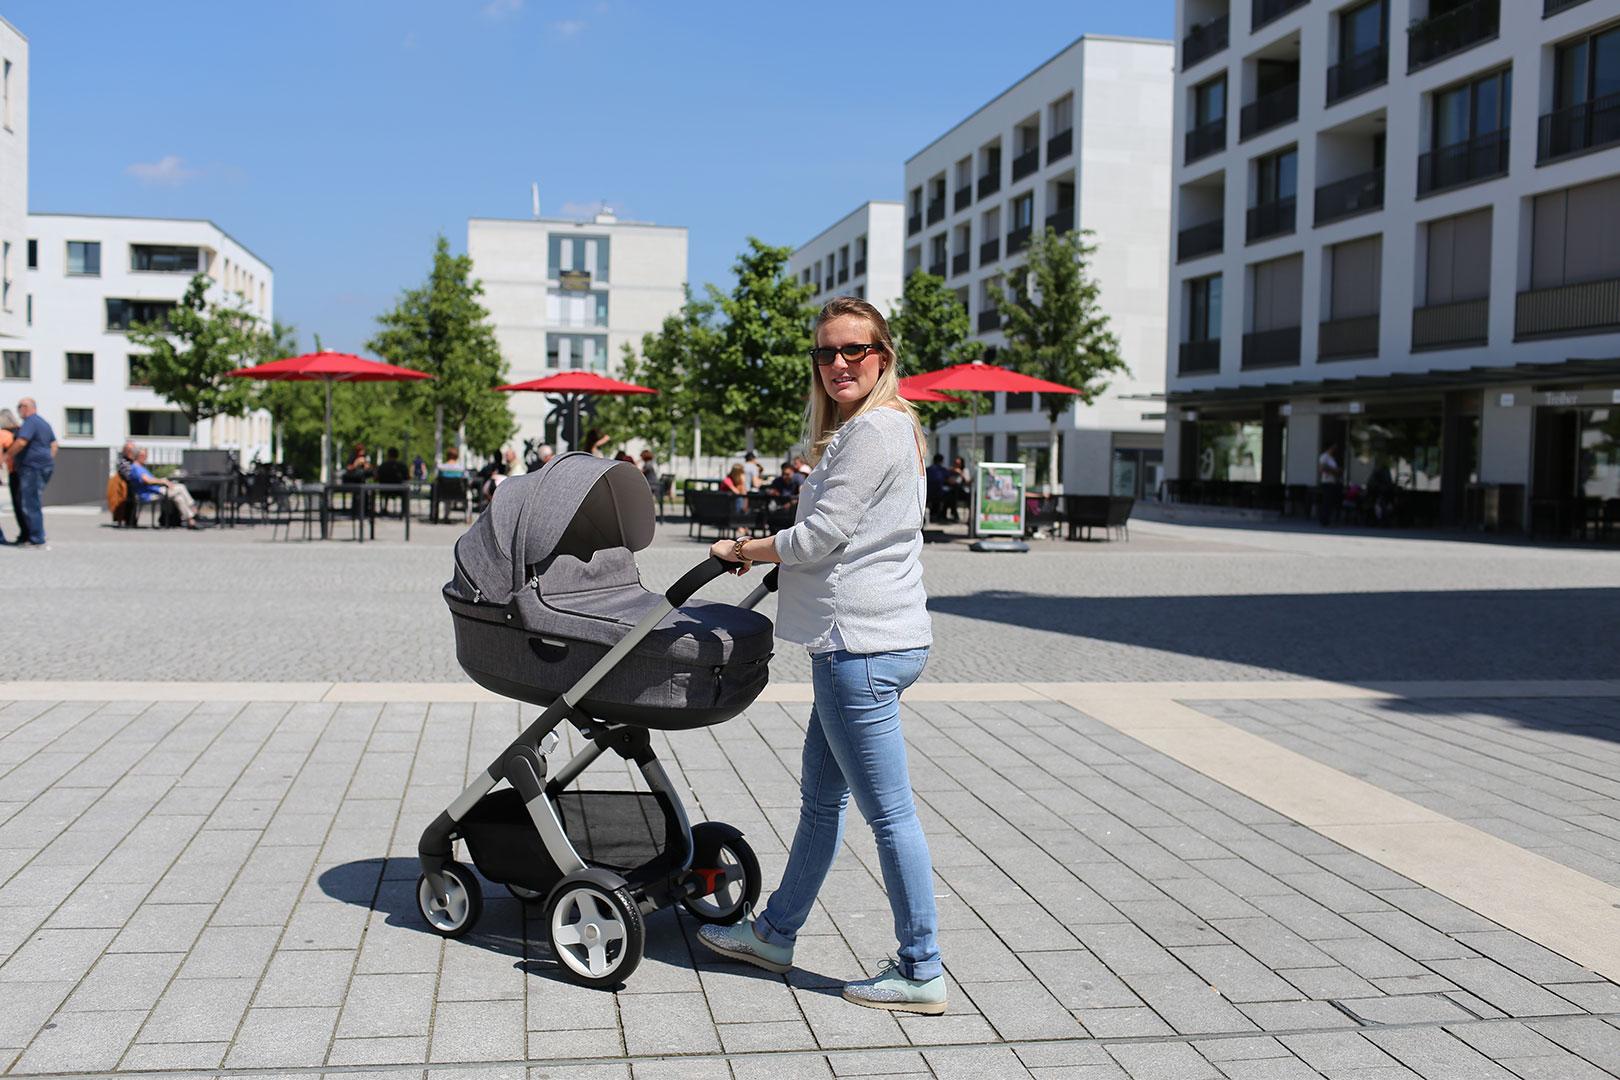 Der Crusi von Stokke® – Ein hochfunktionaler Kinderwagen mit Stil